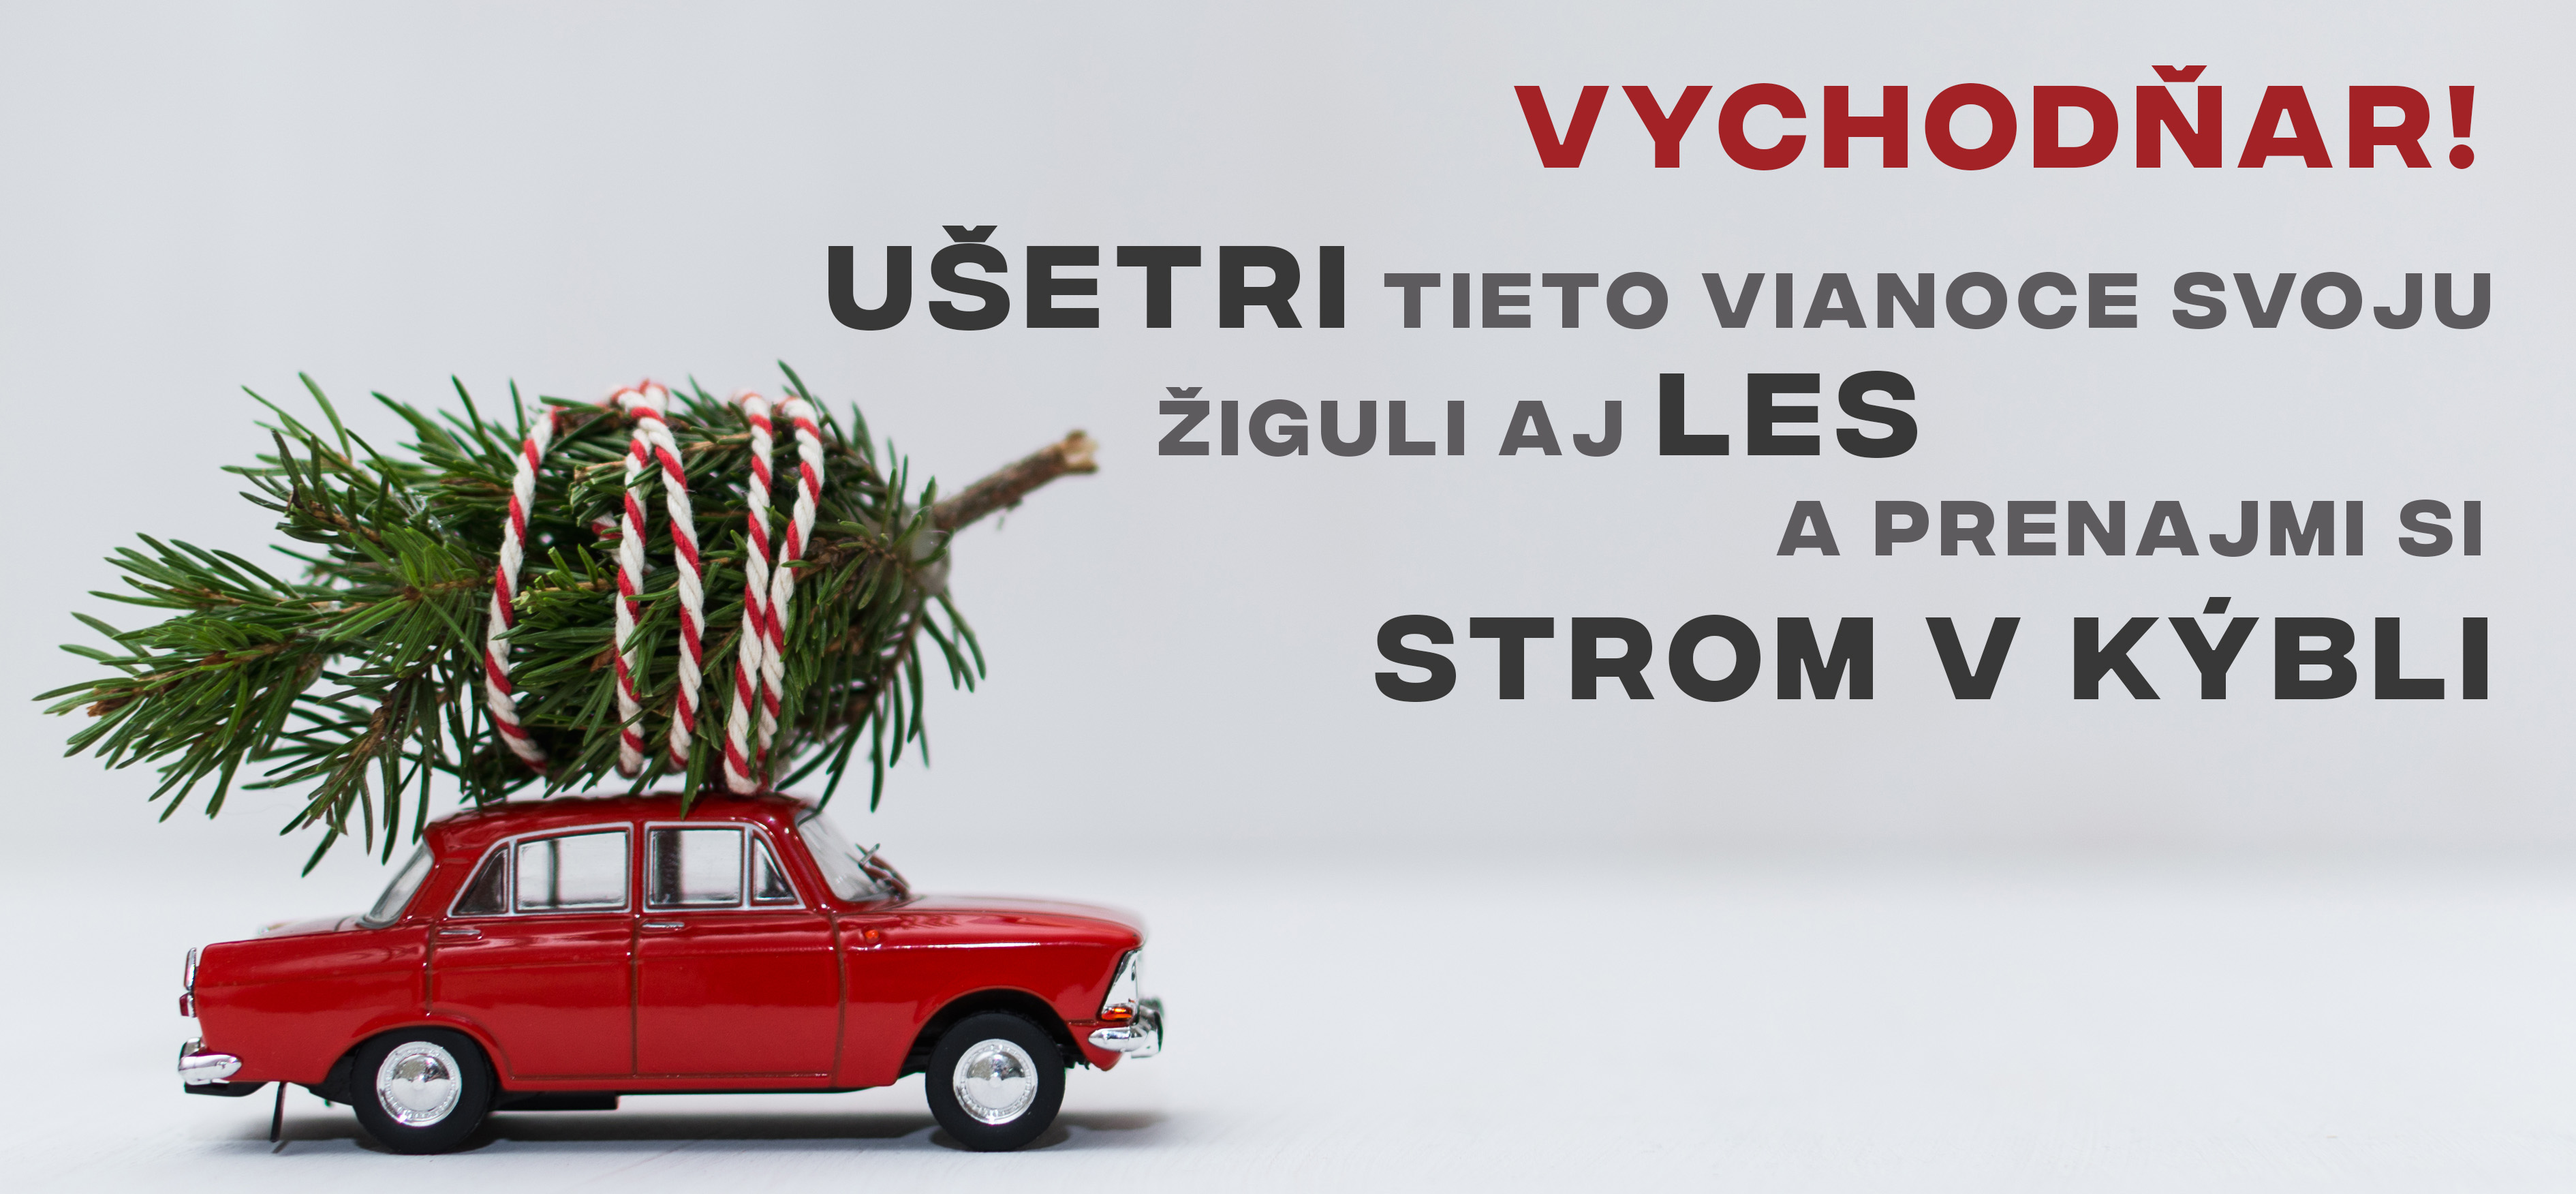 Vianocny_strom_v_kybli_a_ziguli